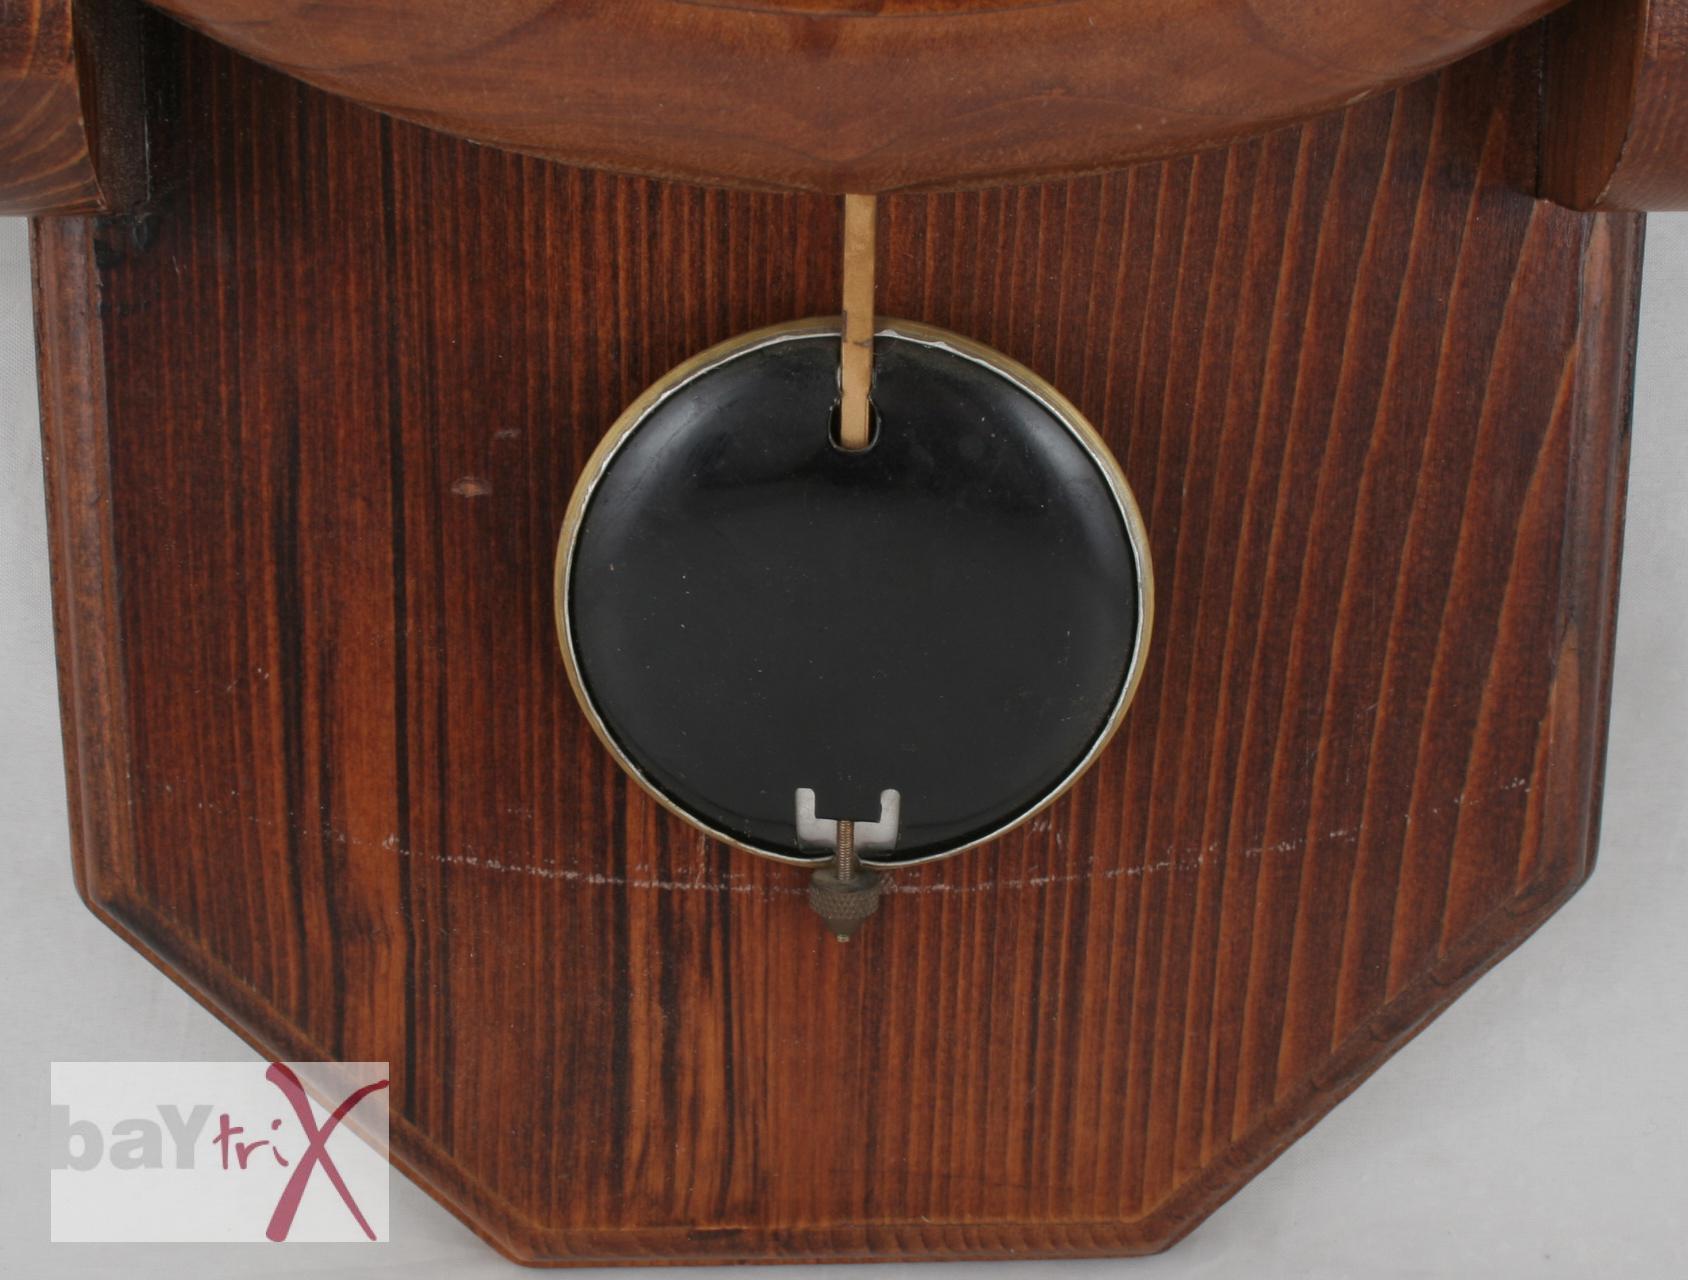 wanduhr meister anker mit pendel holz metall pendeluhr alt antik h ngeuhr ebay. Black Bedroom Furniture Sets. Home Design Ideas